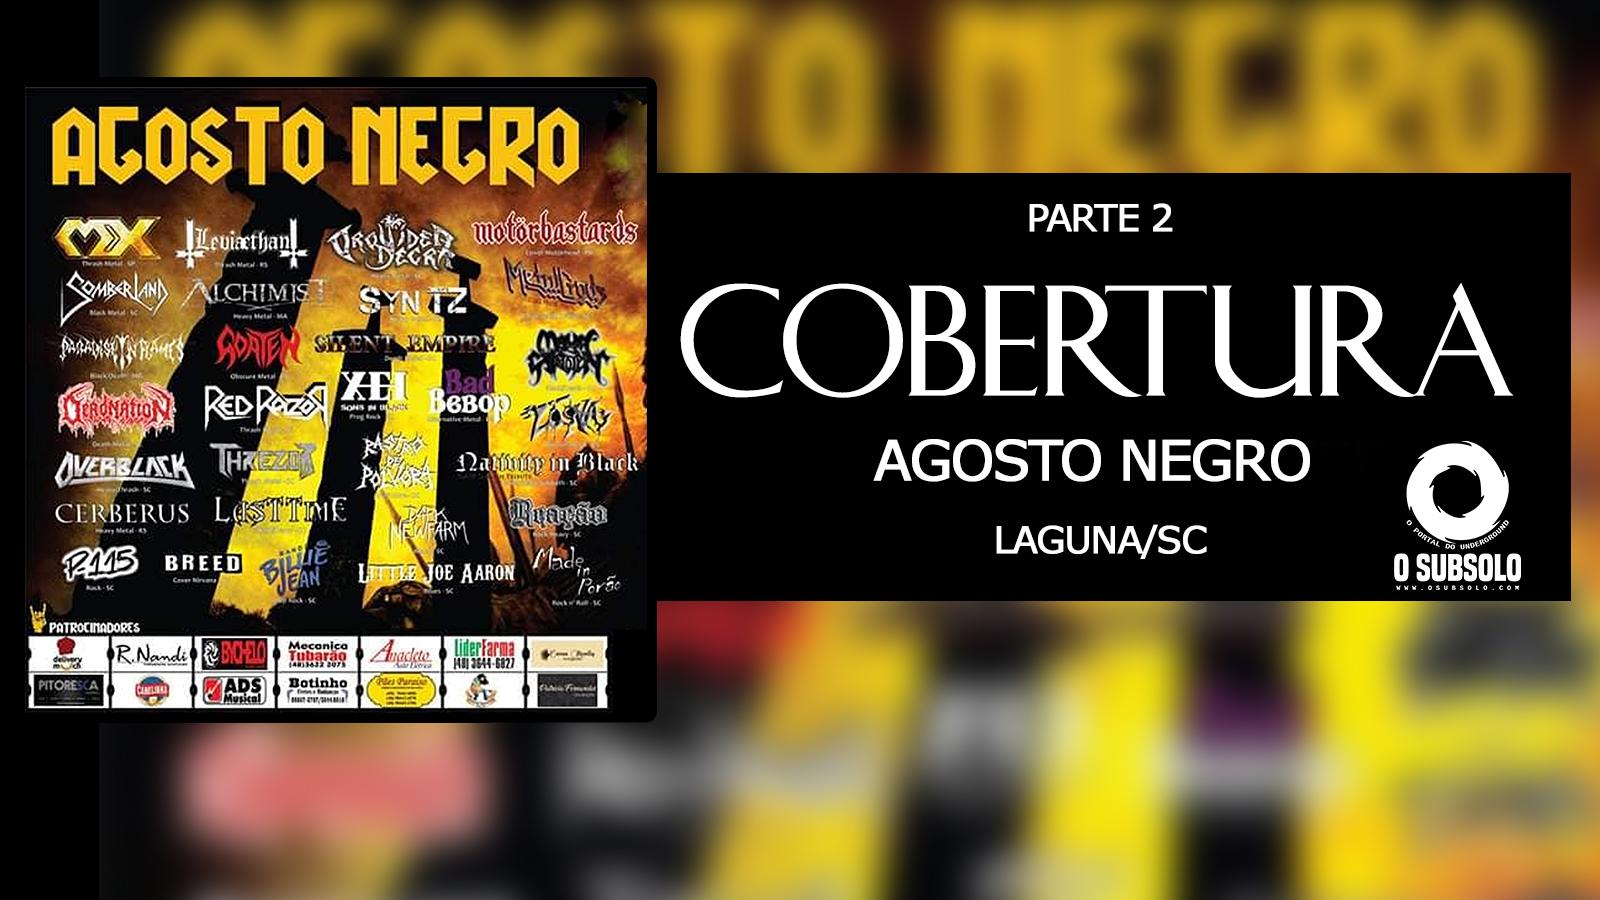 O SUBSOLO   COBERTURA AGOSTO NEGRO   PARTE 2